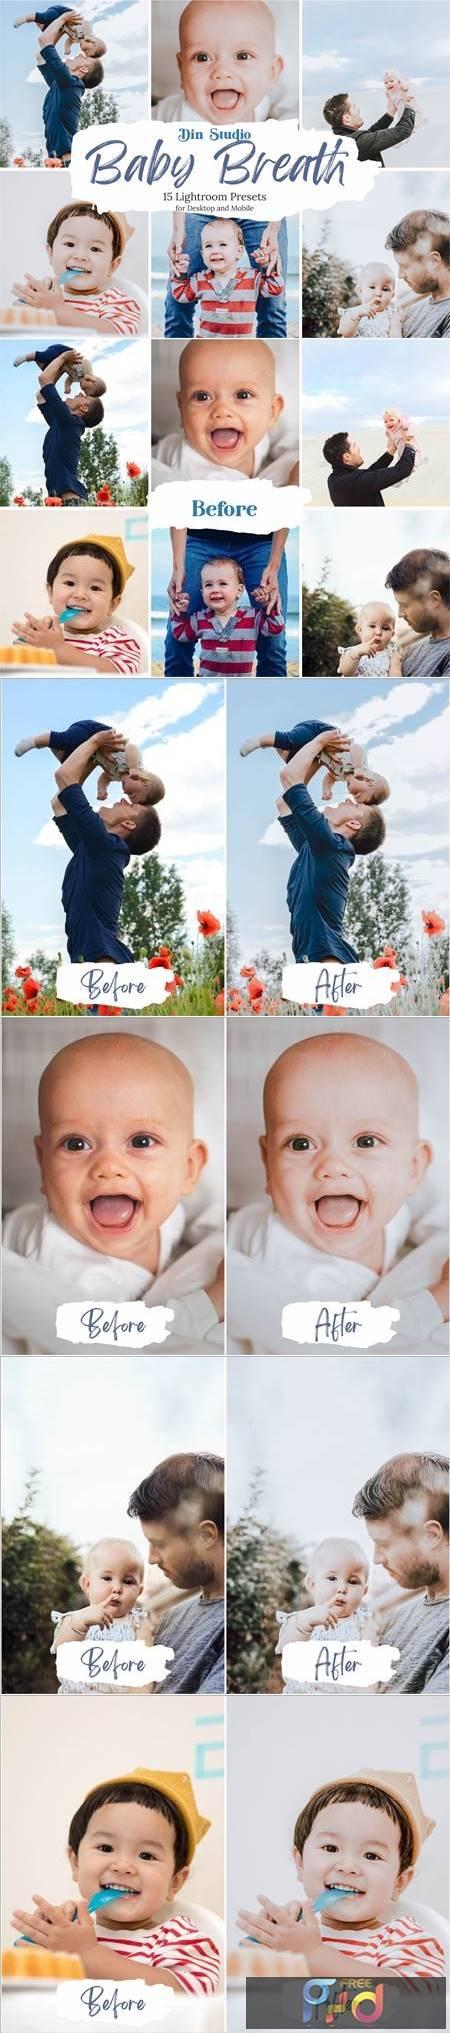 Baby Breath Lightroom Presets 5482291 1